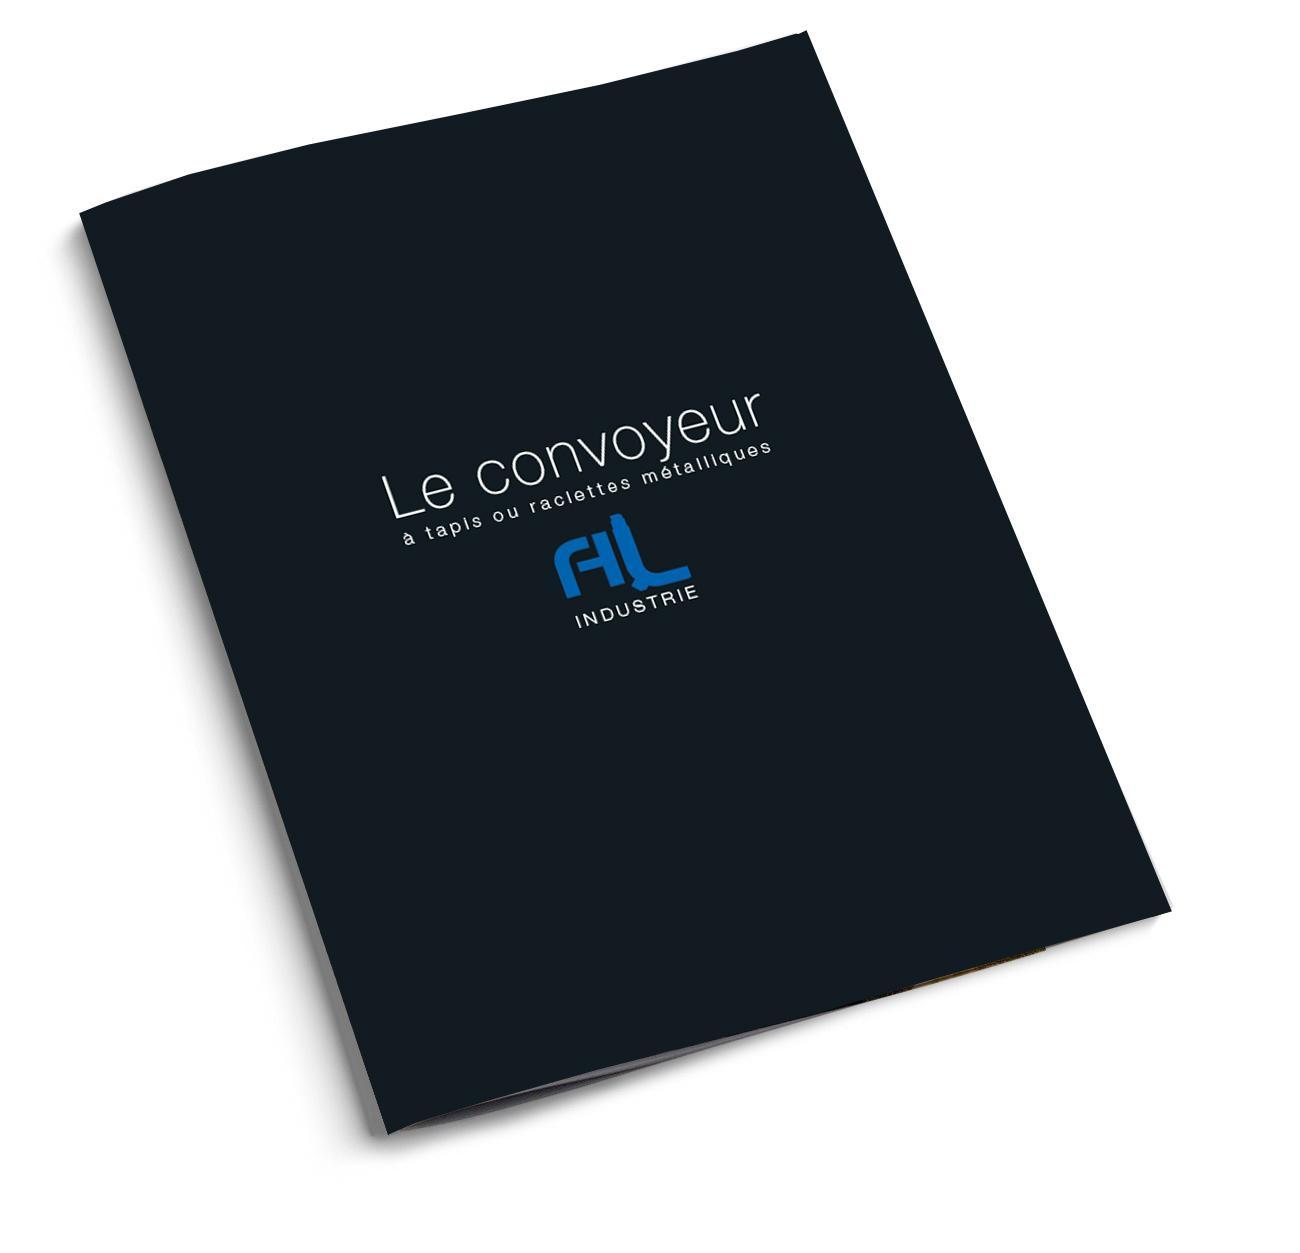 Télécharger les catalogues Al Industrie - Convoyeurs 2018